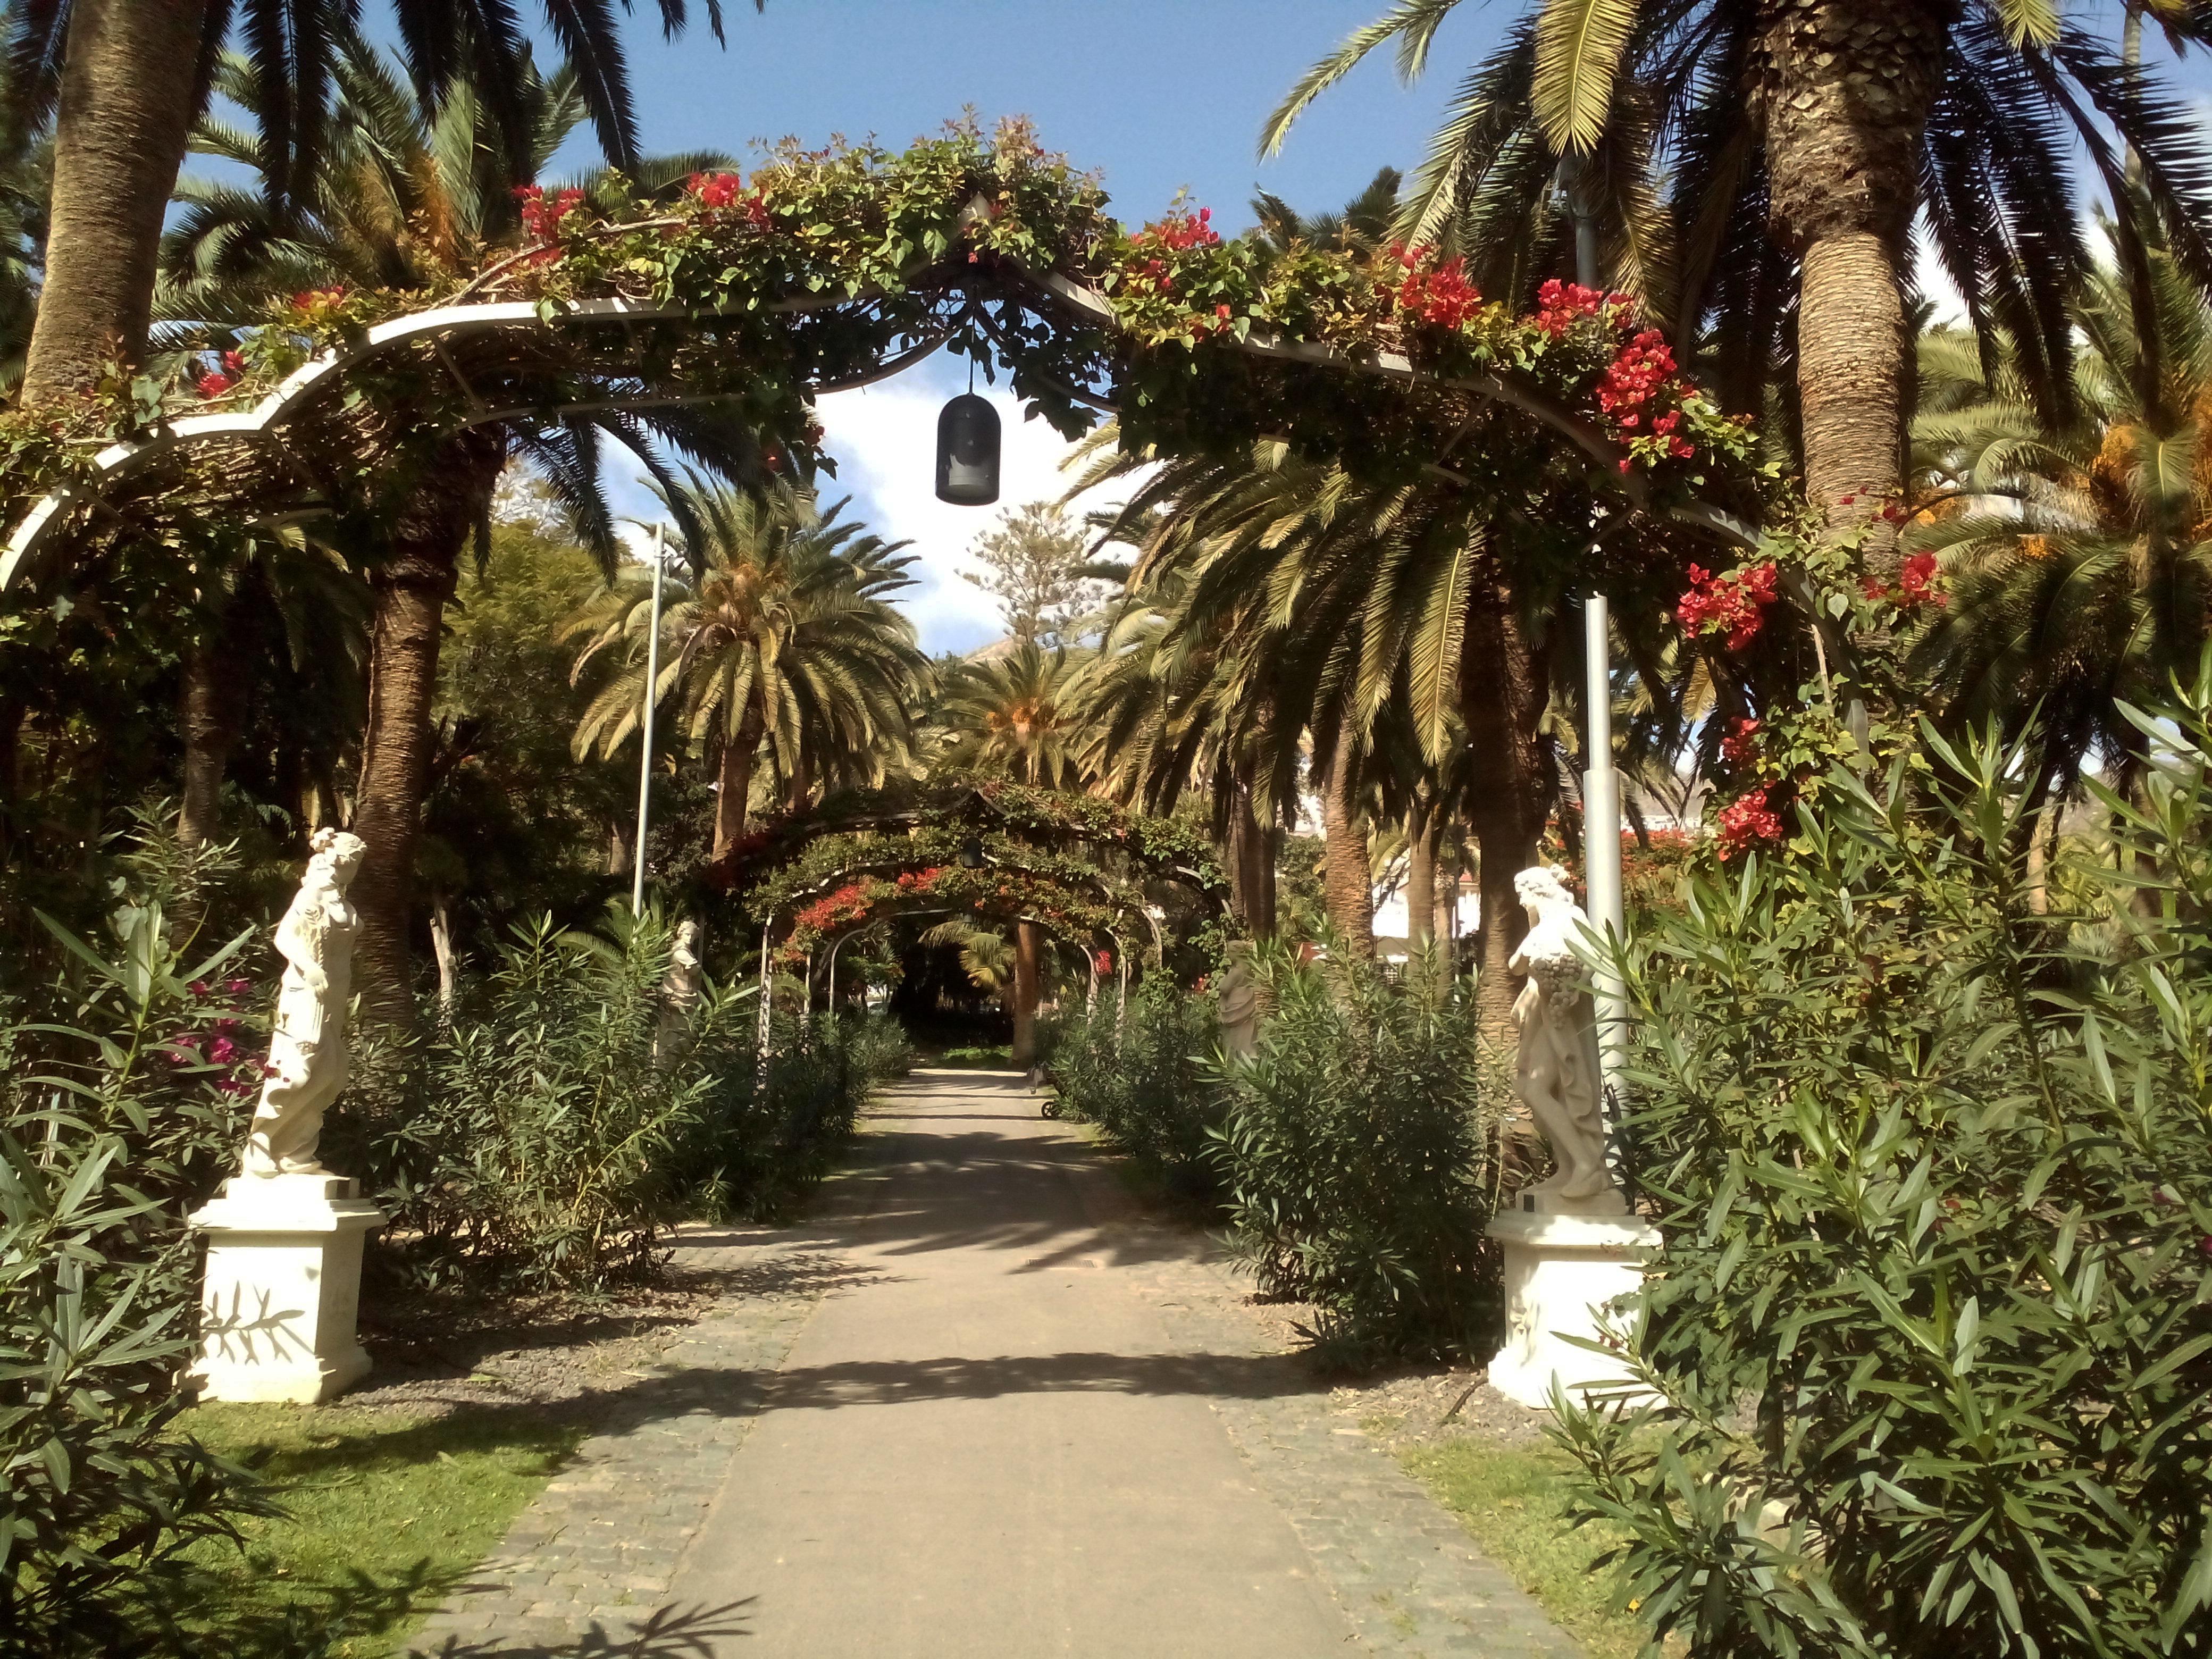 Parque garc a sanabria una cita con la naturaleza en - Parques infantiles santa cruz de tenerife ...